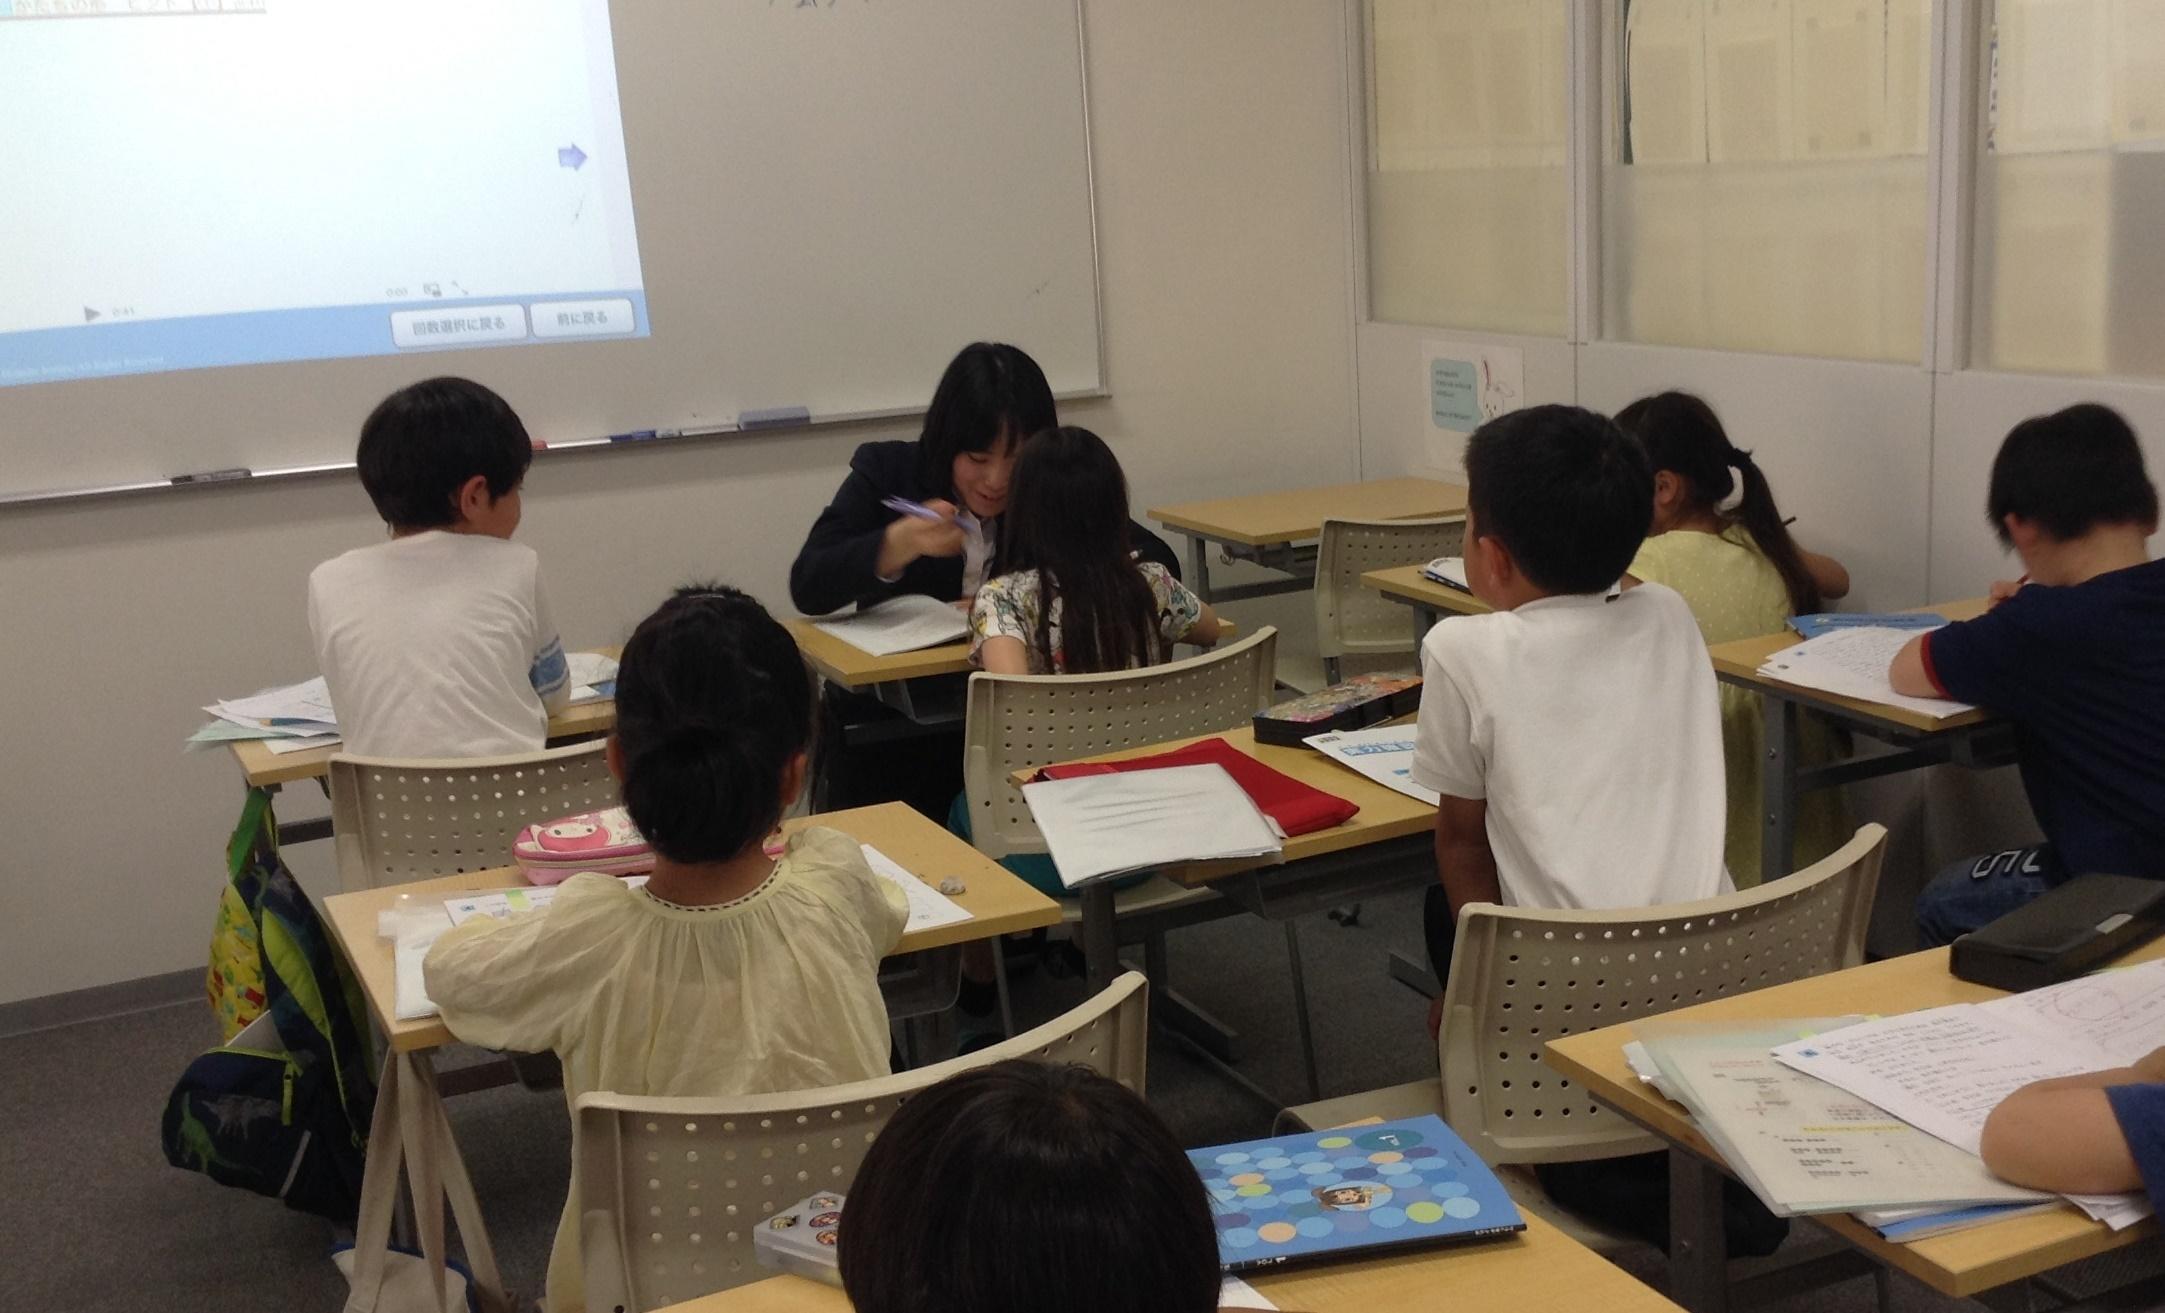 玉井式国語的算数教室で育まれる3つの能力について